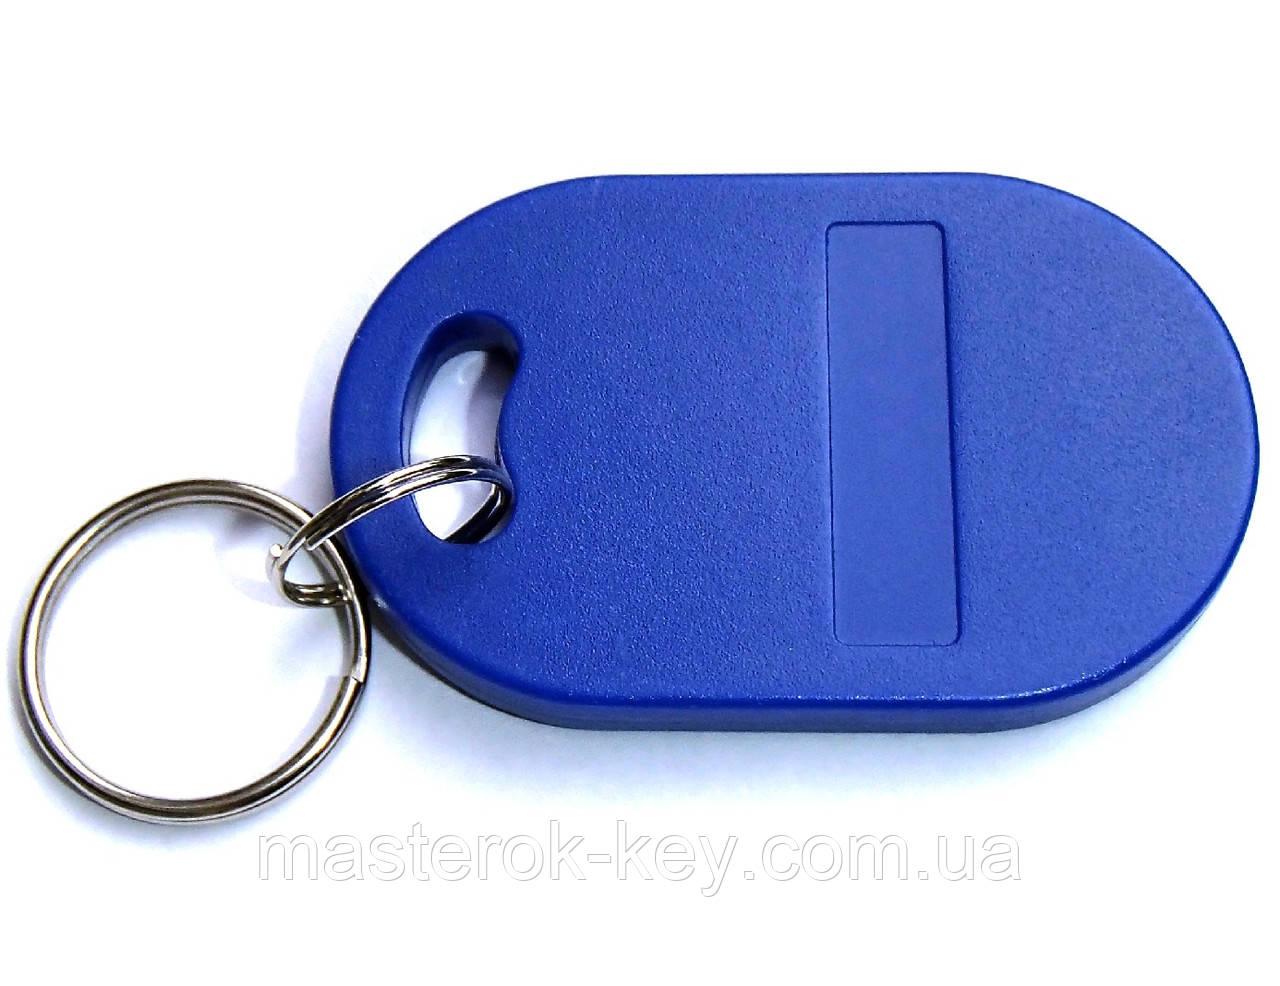 Заготовка ключа для домофона RFID 5577 Фигурная #2 перезаписываемая Синяя